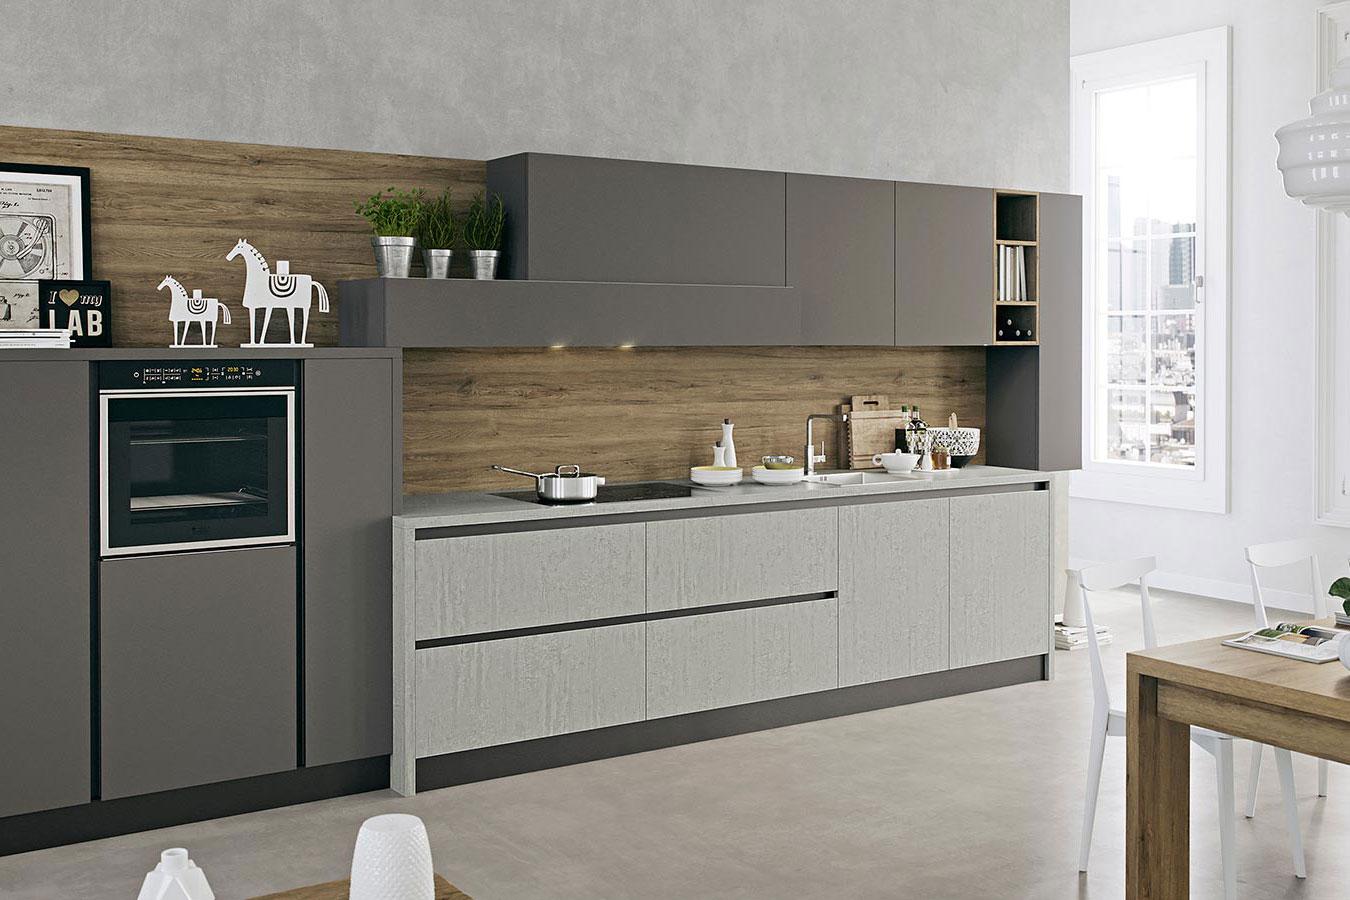 Cucina kal di arredo3 righetti mobili novara - Cucine d arredo ...